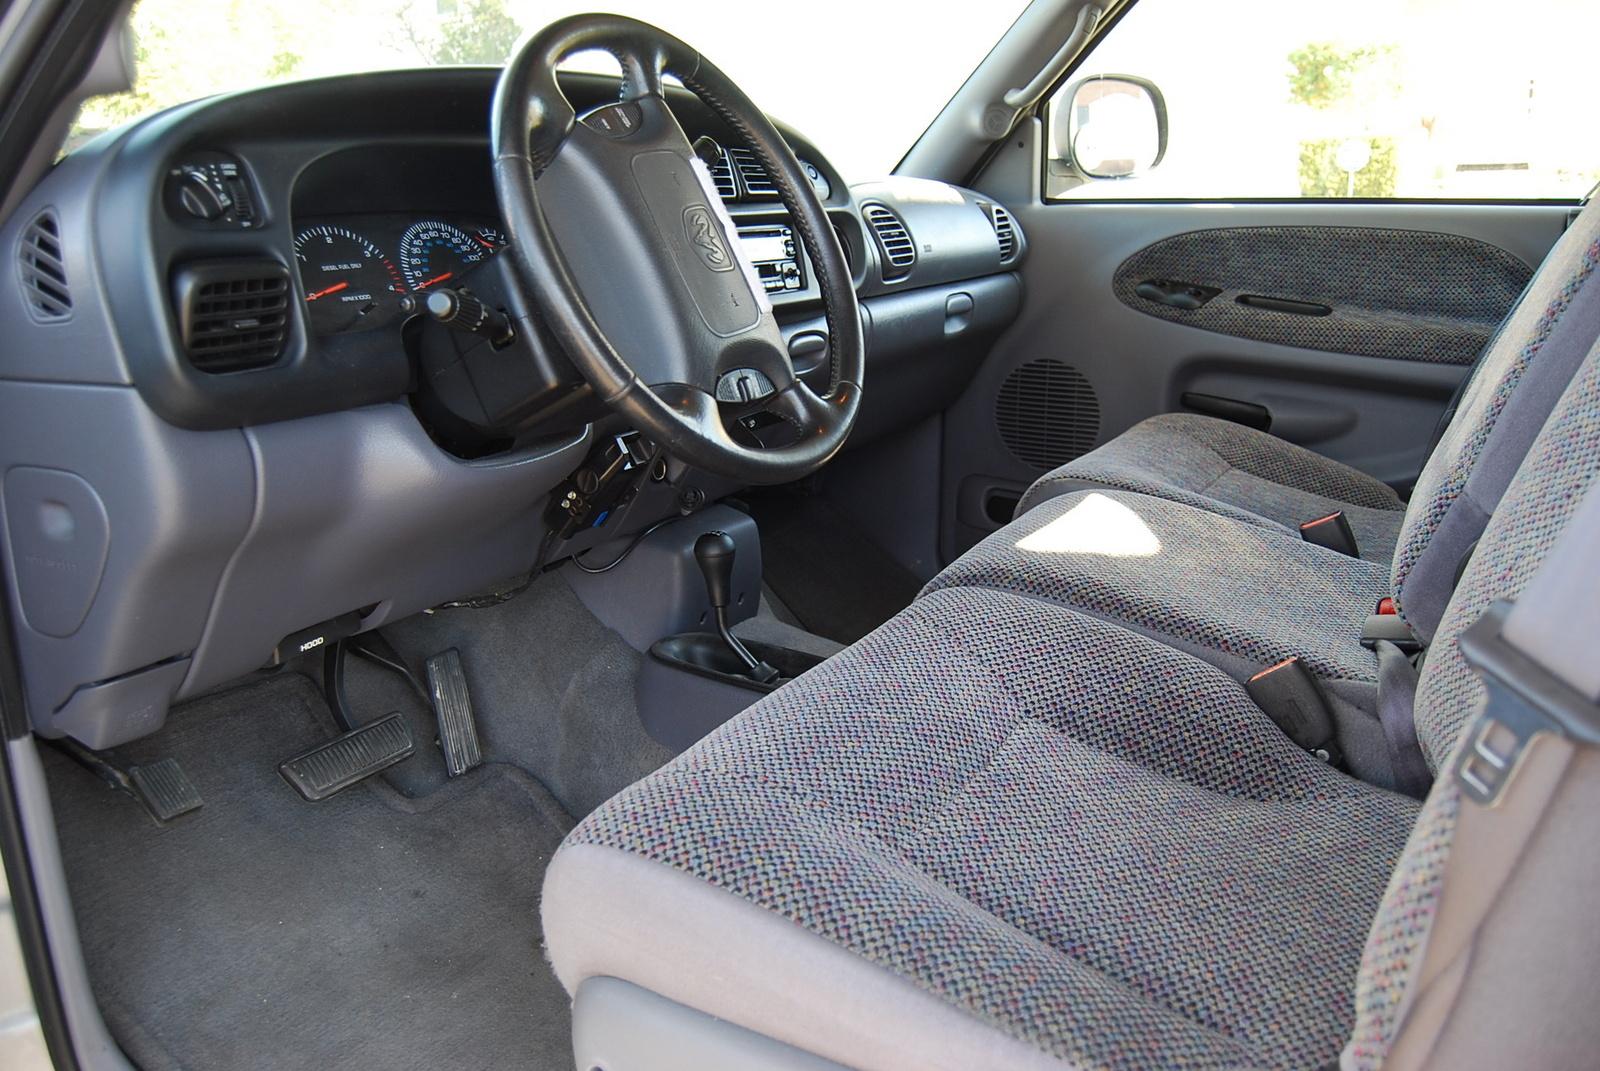 2001 Dodge Ram Pickup 3500 Pictures Cargurus